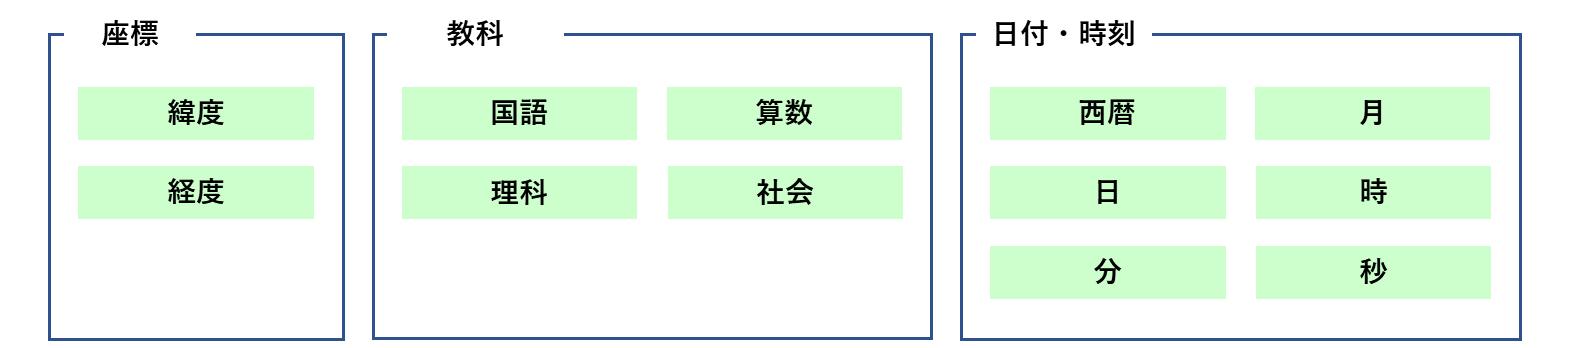 複数データの構造